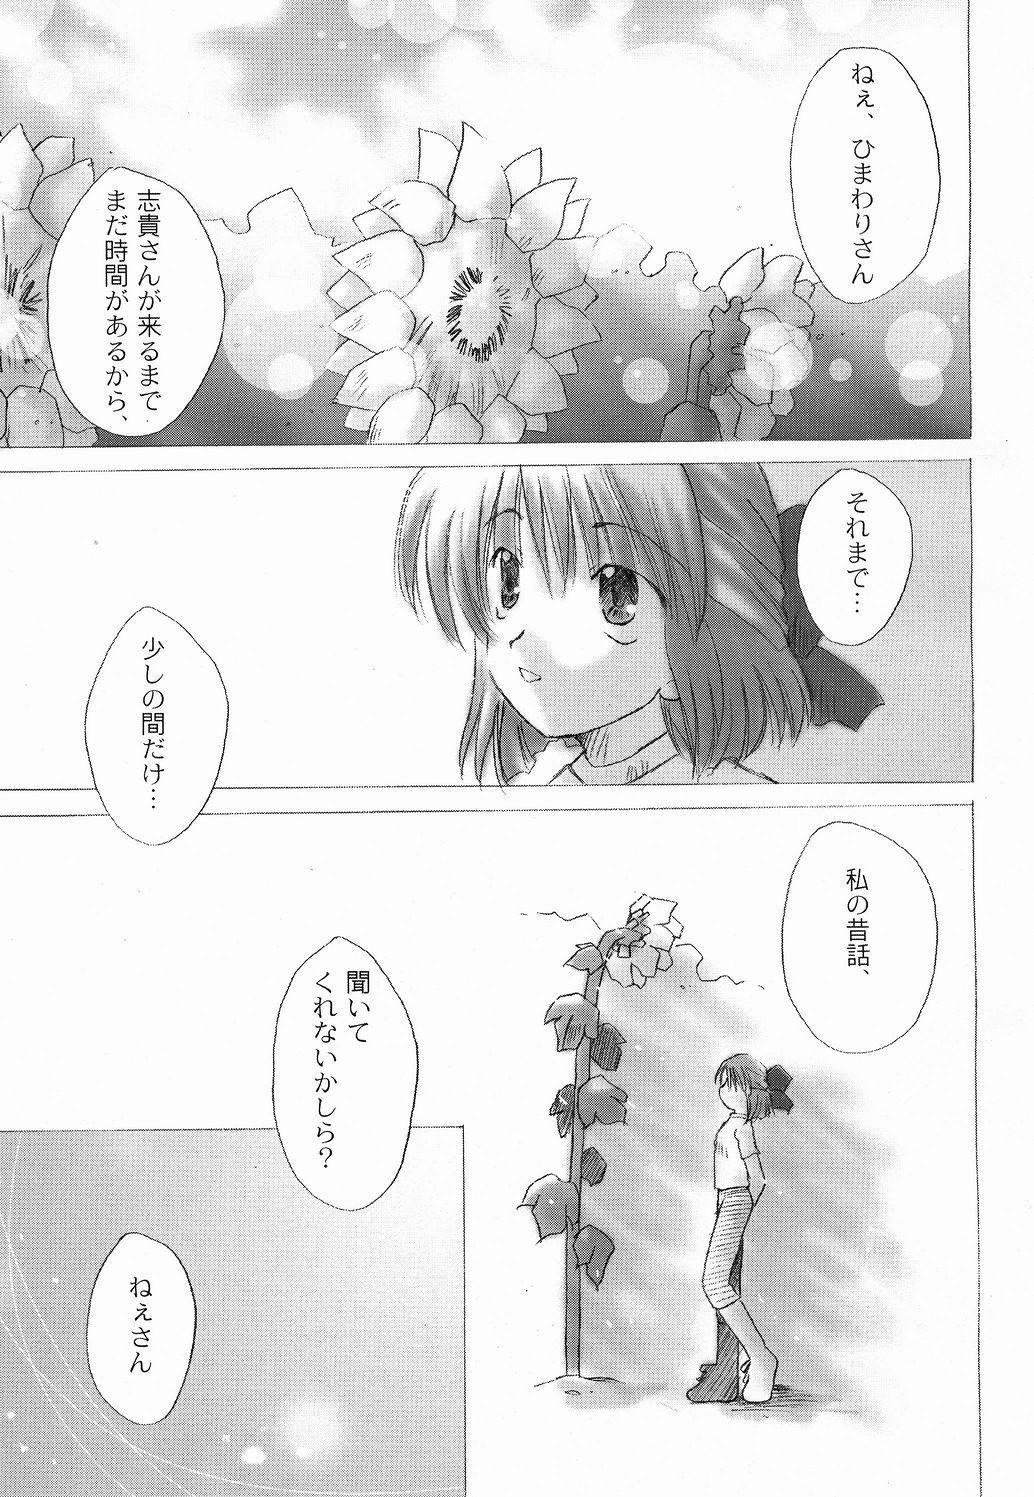 Taiyou to Tsuki ni Somuite 5